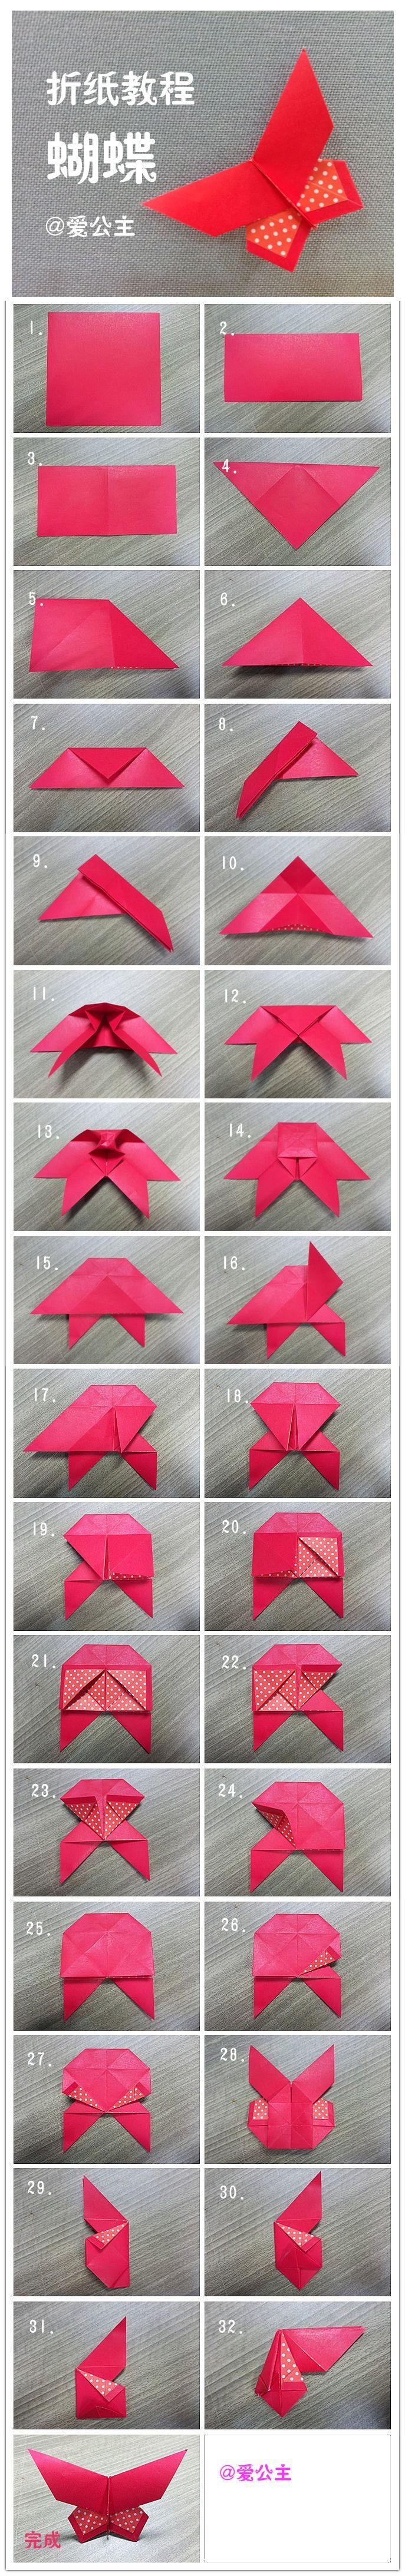 Как сшить галстук-бабочку в 10 простых шагов Ярмарка Мастеров 45